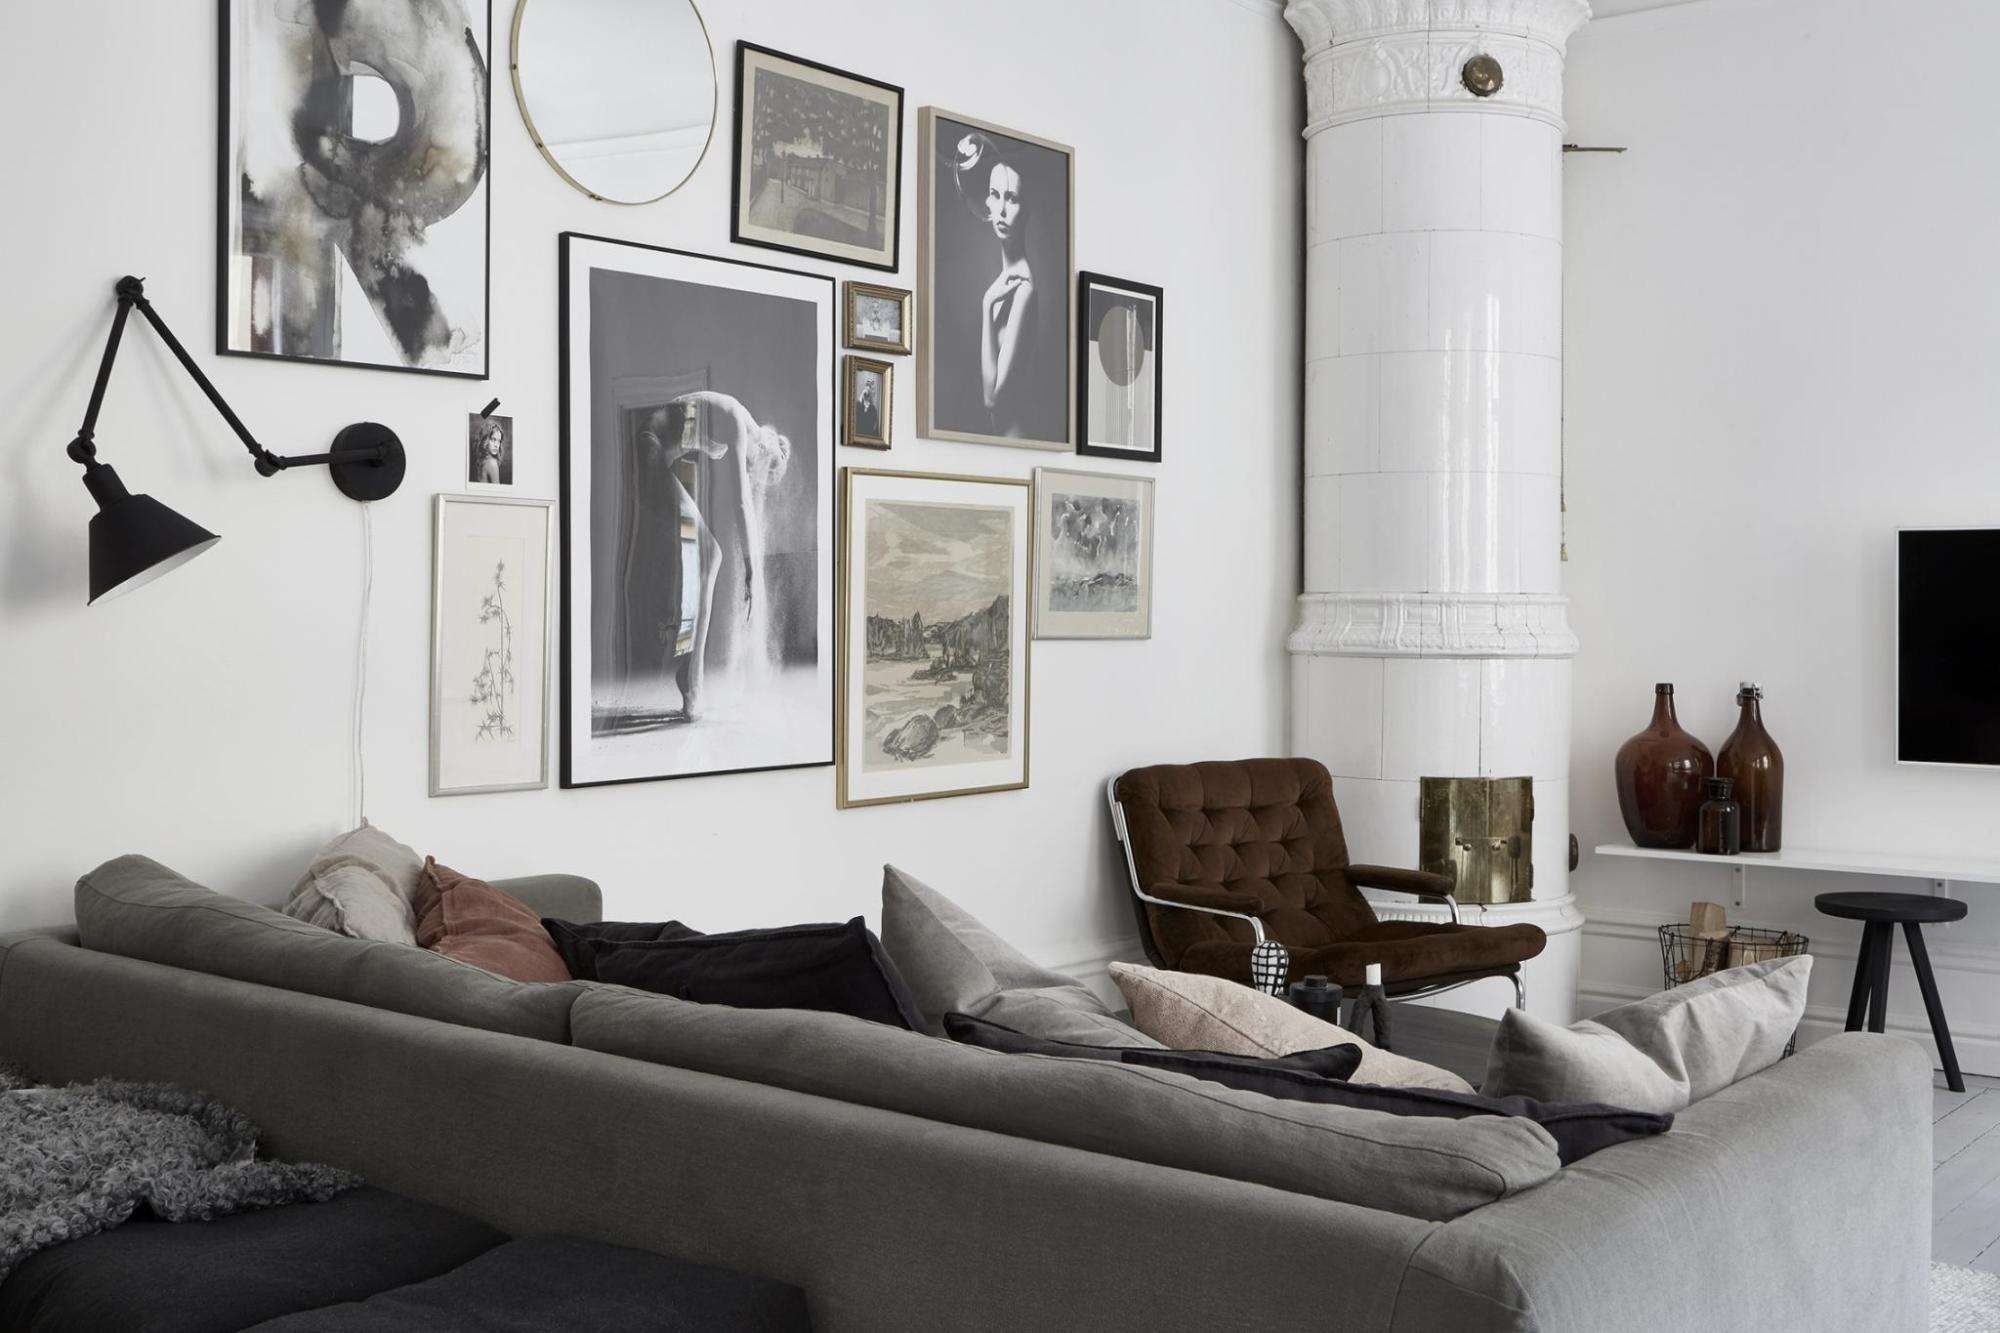 Pisos modernos piso peque o y elegante estilo escandinavo for Pisos modernos pequenos